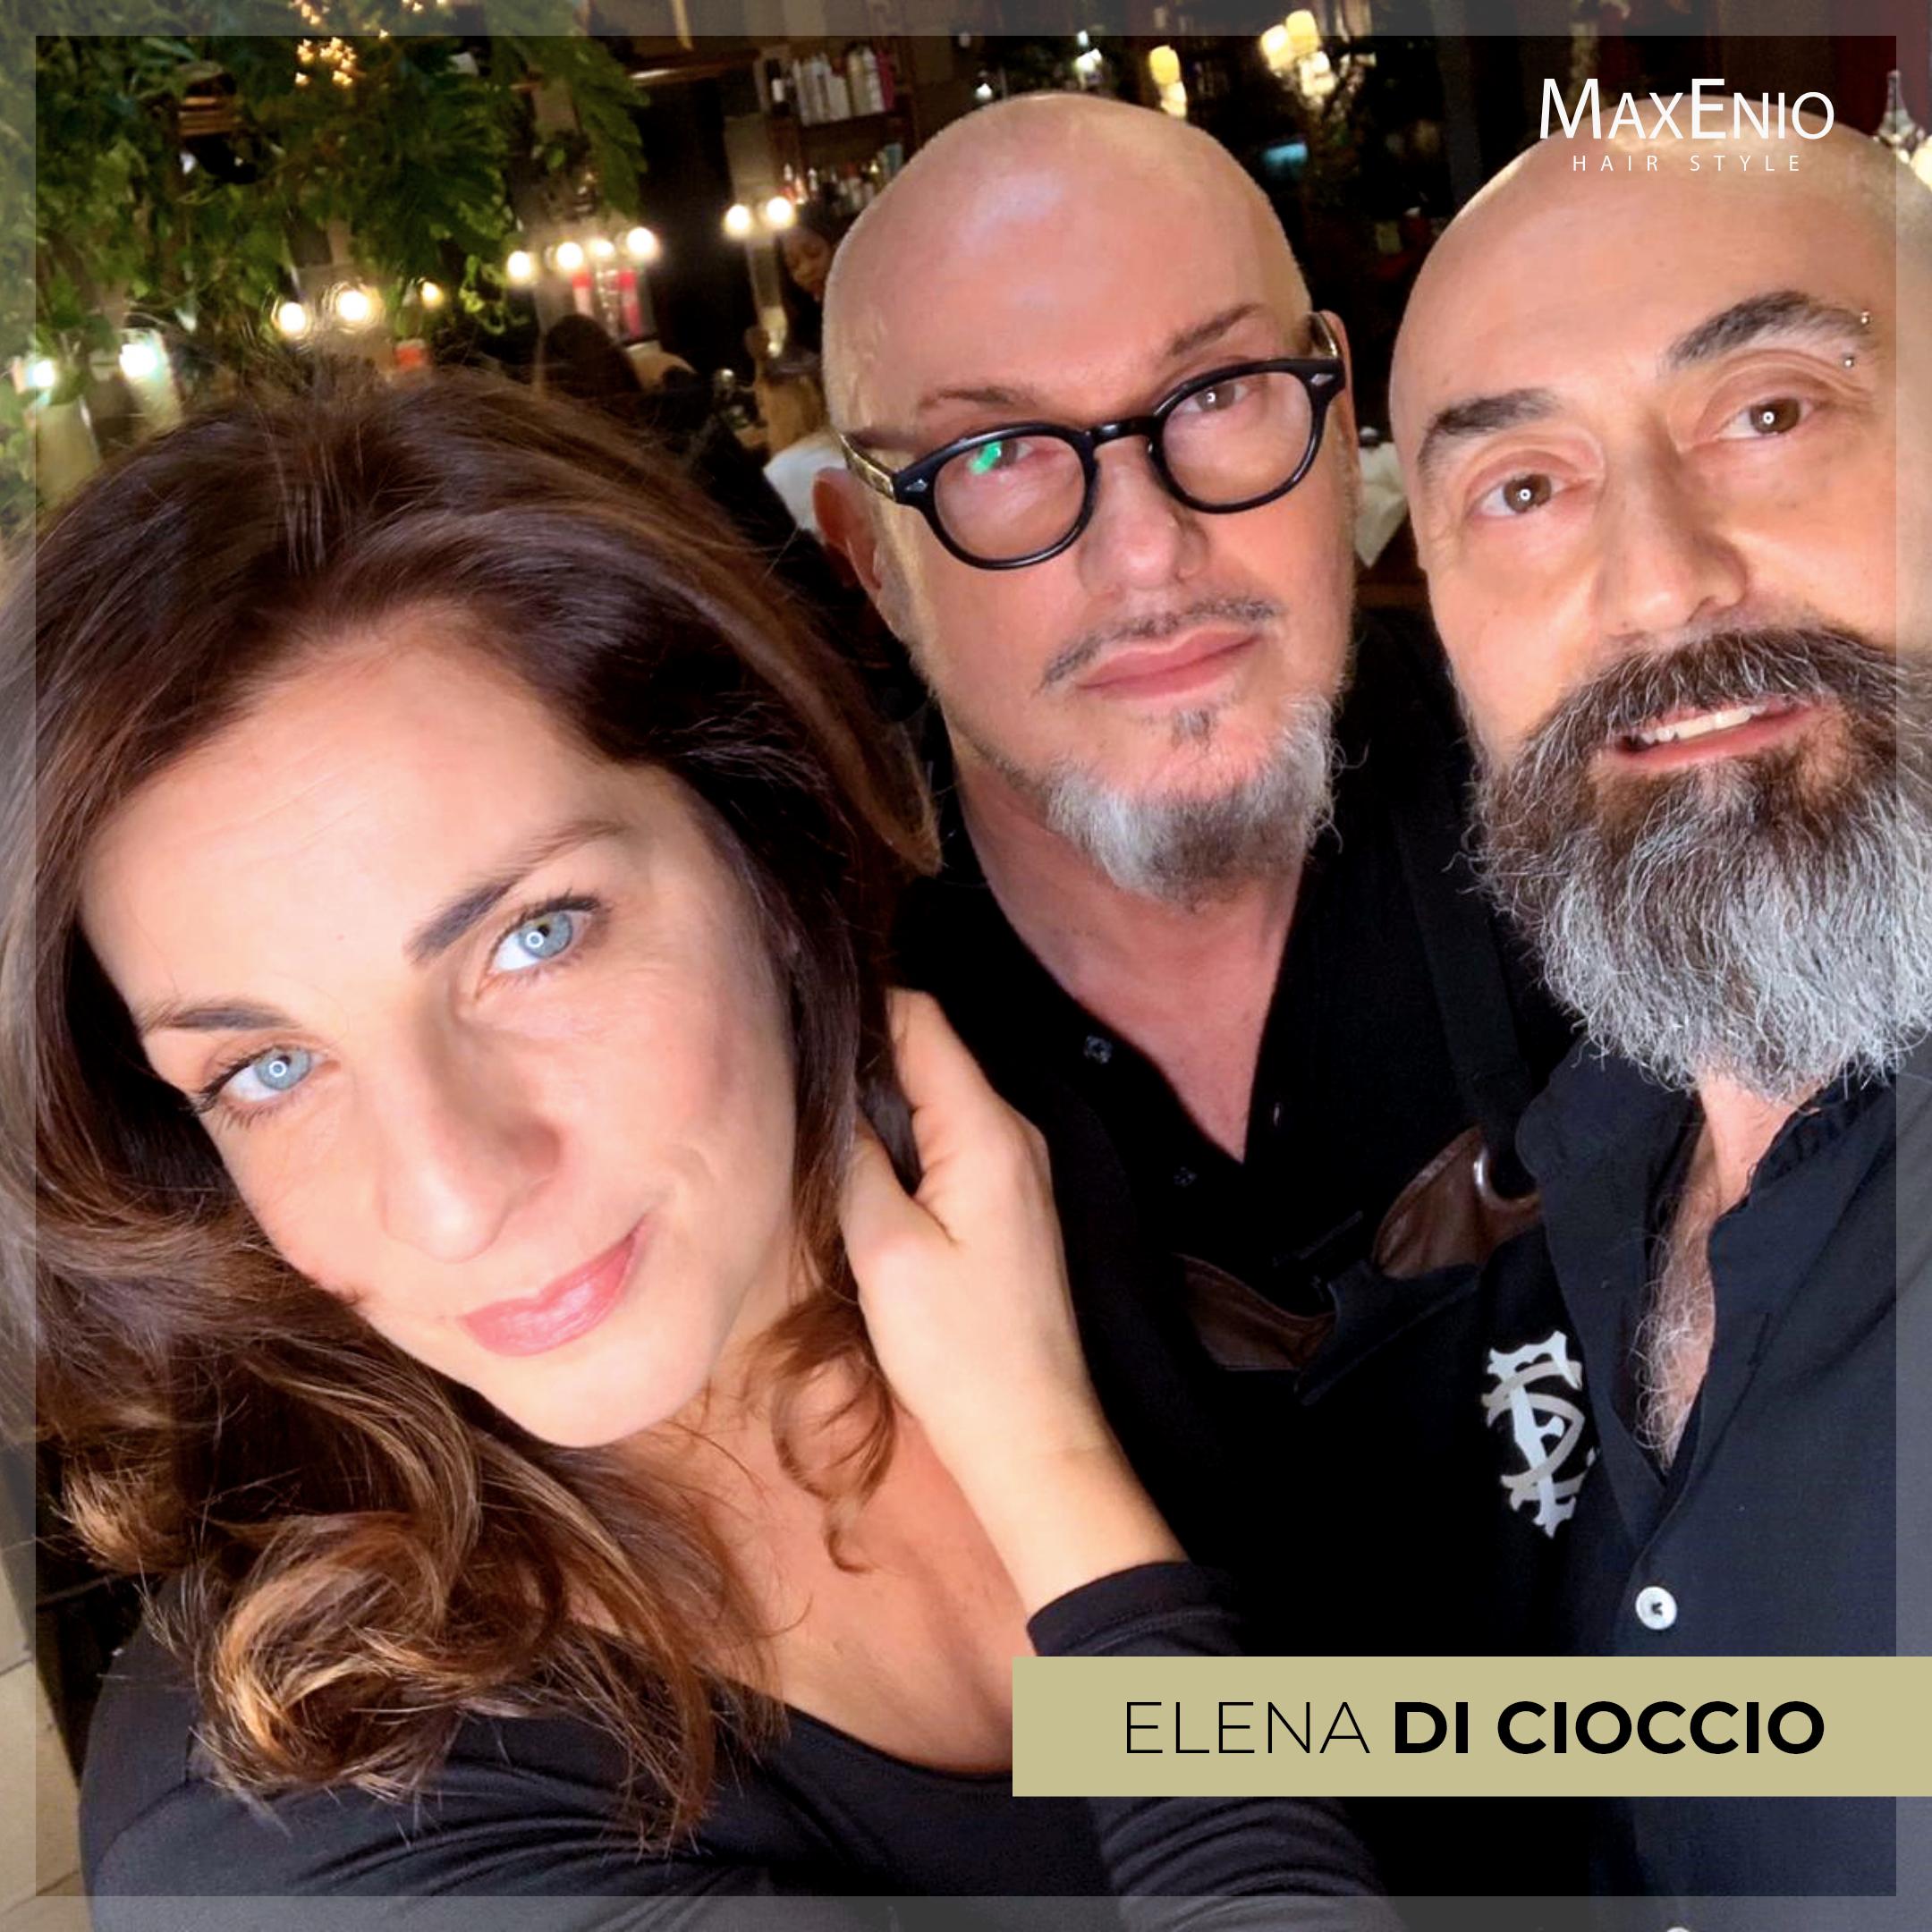 Elena Di Cioccio da MaxEnio!